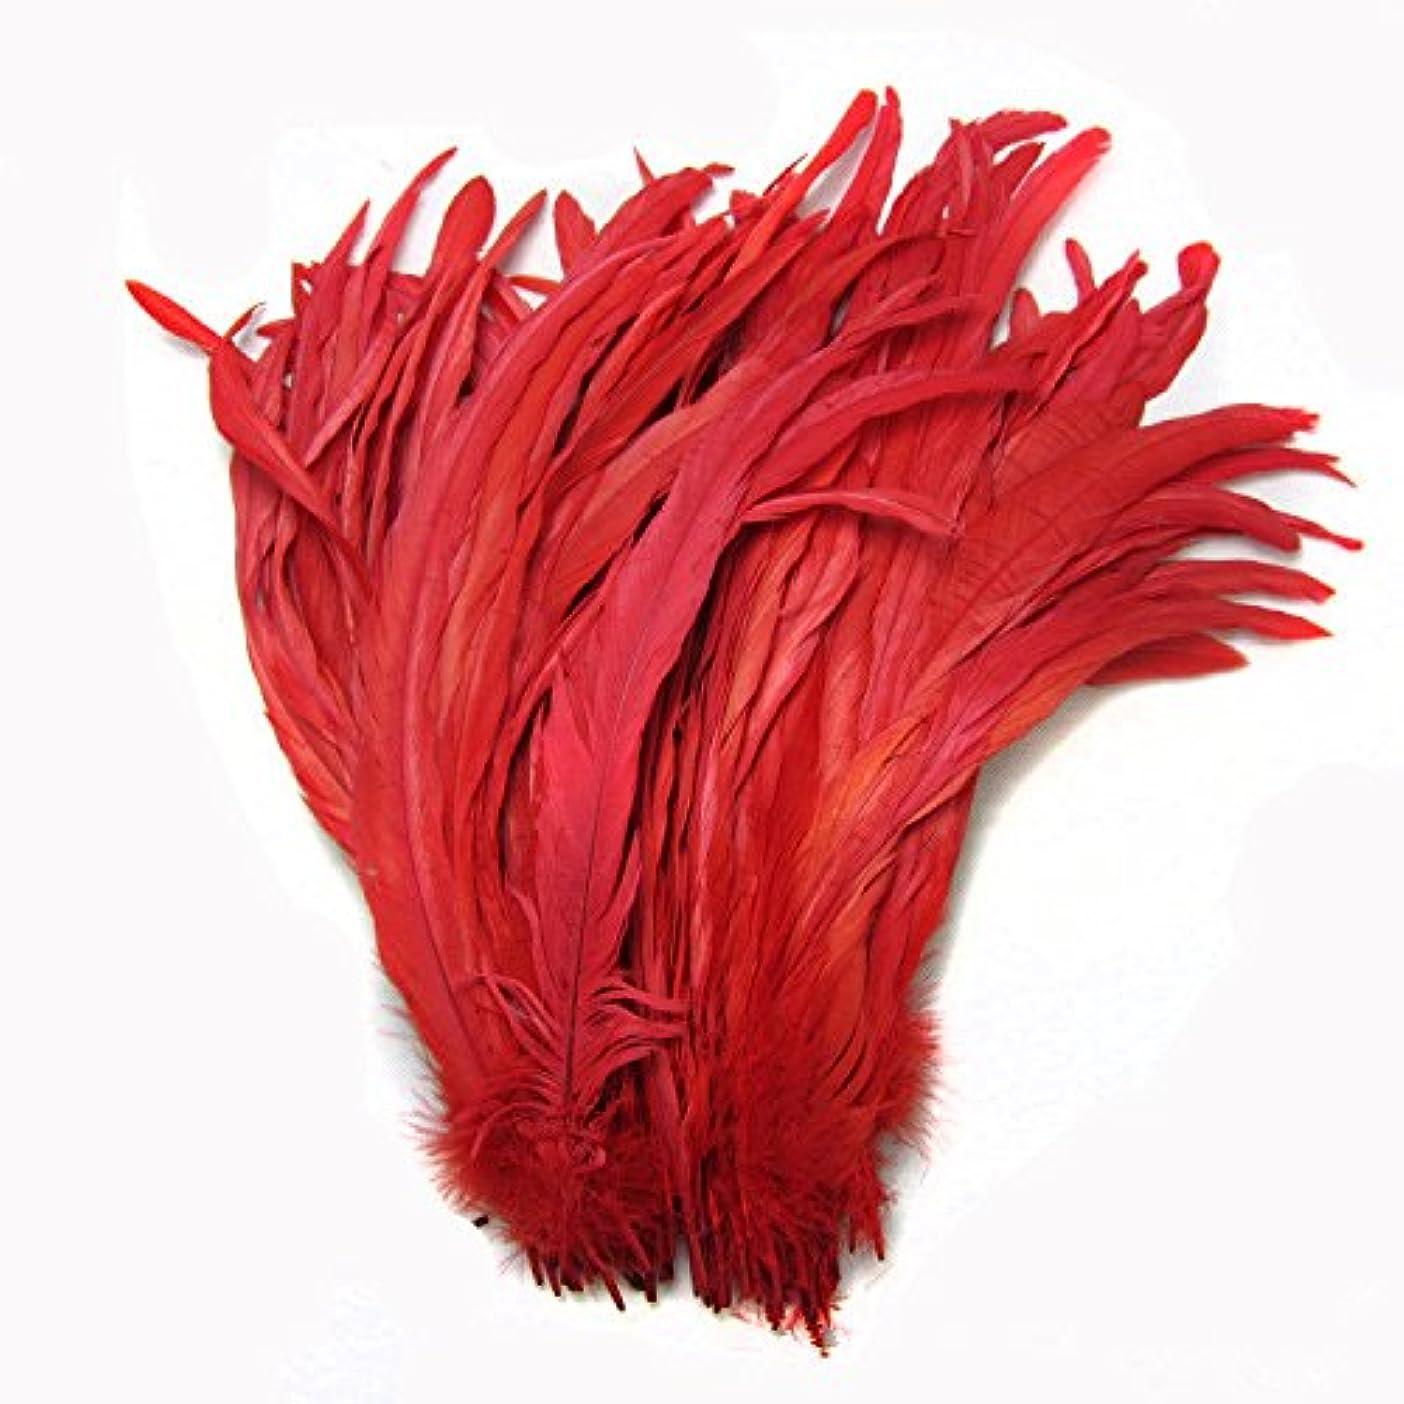 ペルメル摘む土砂降りKOLIGHT セットの100ピース 35-40cm ナチュラルオンドリコークテール羽DIYホームウェディングパーティーオフィスデコレーション (赤)